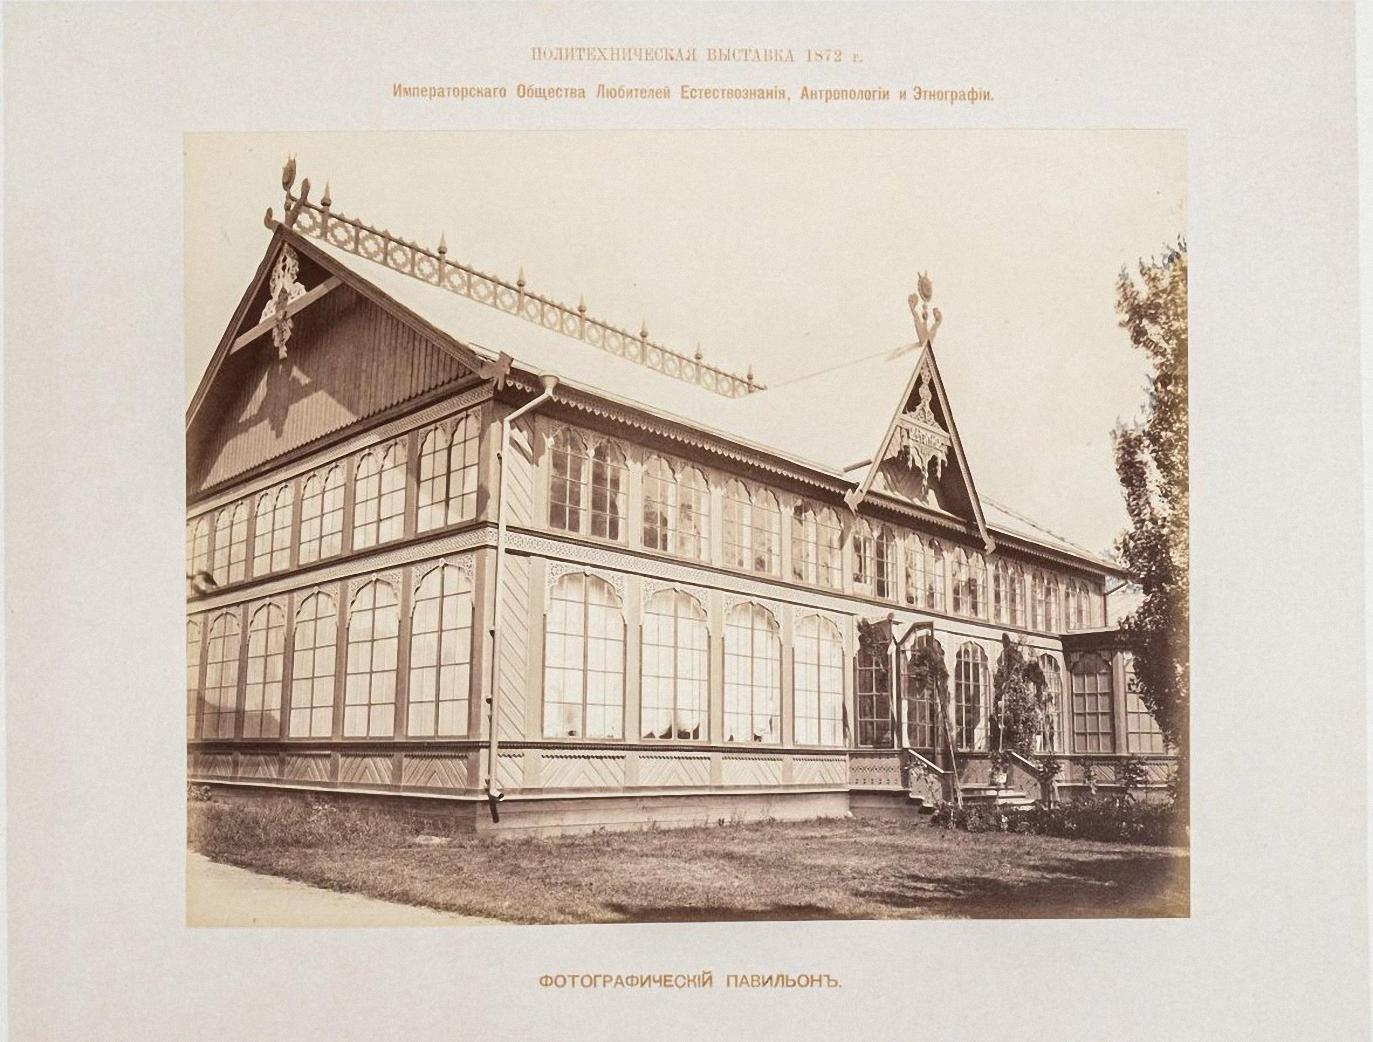 Александровский сад. Фотографический павильон